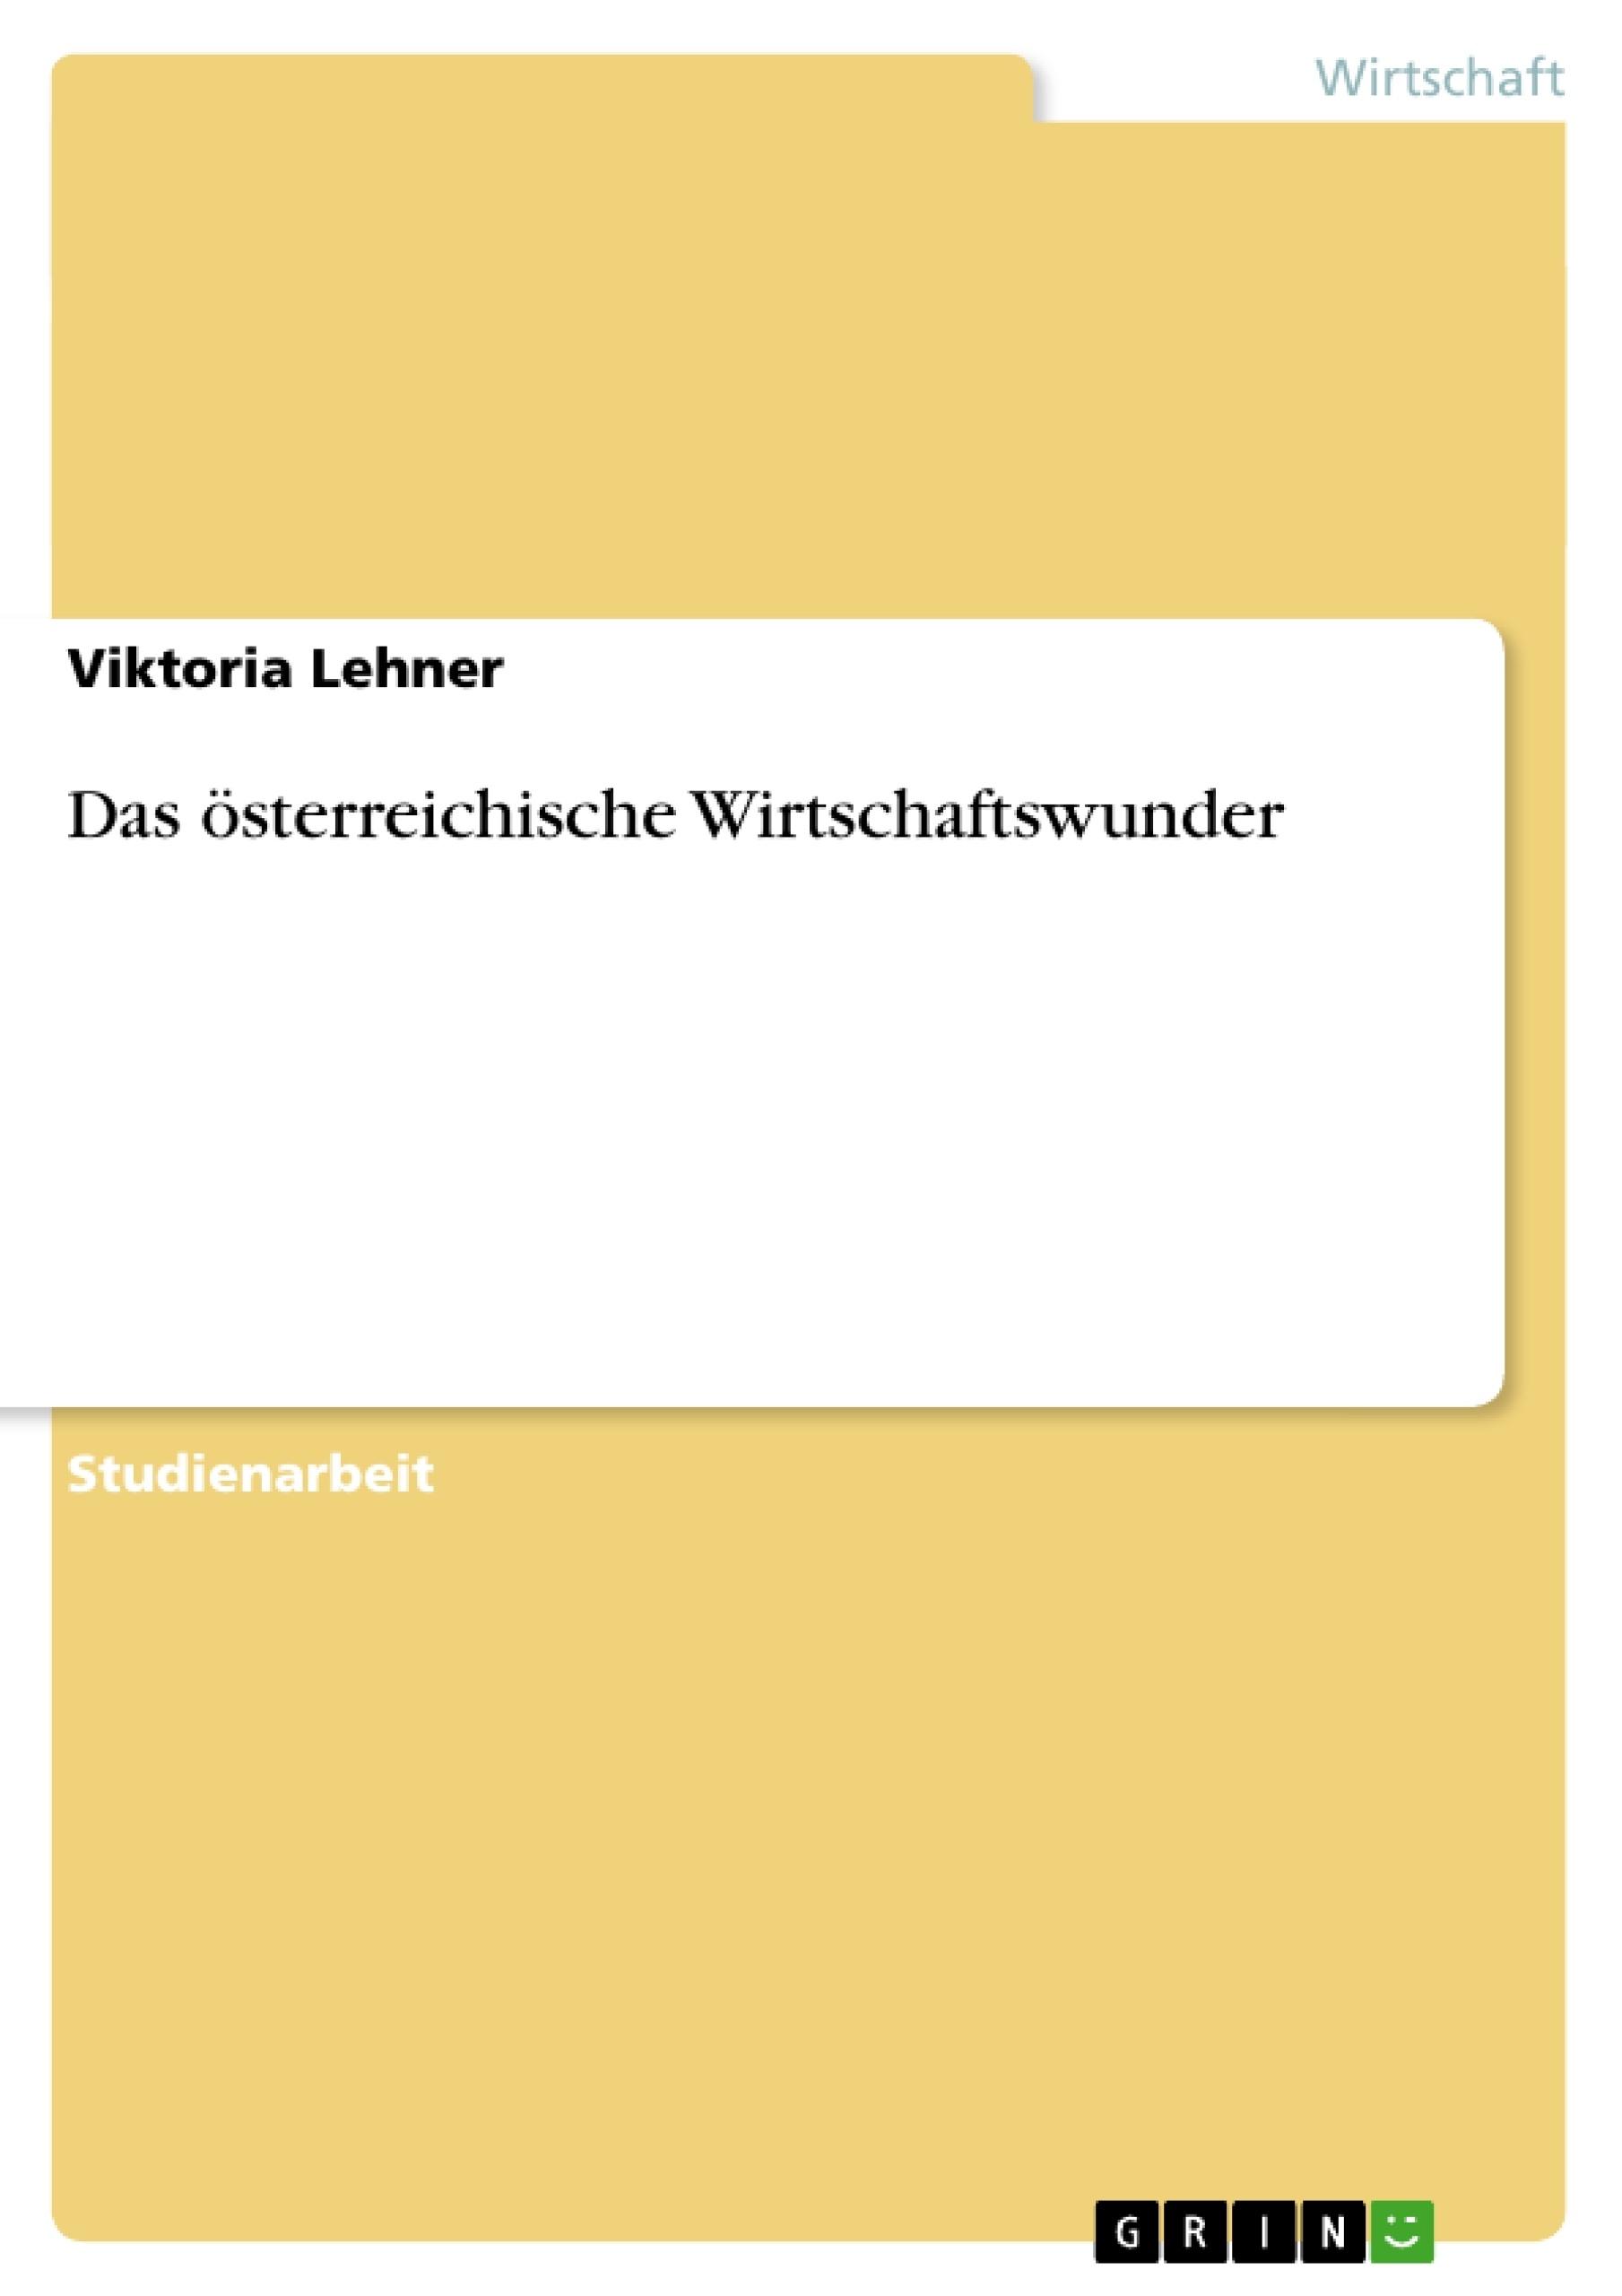 Titel: Das österreichische Wirtschaftswunder